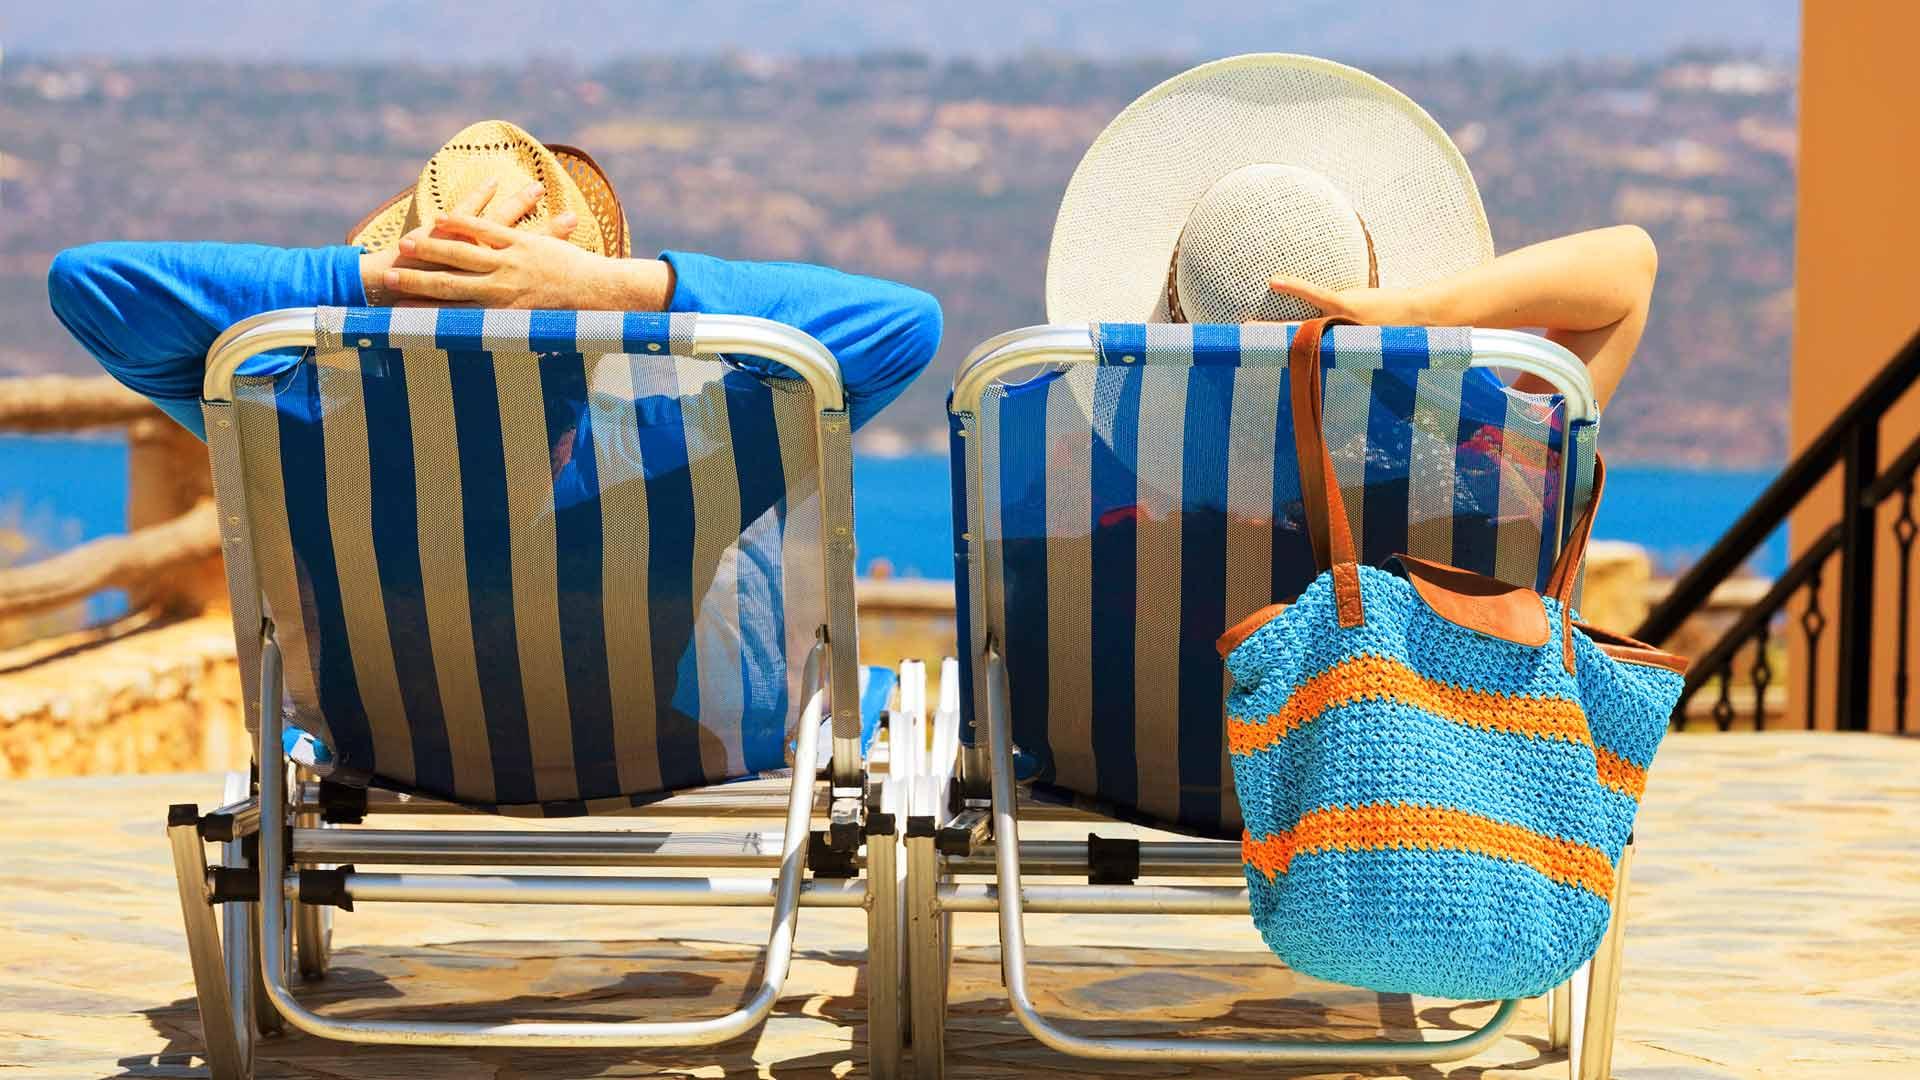 Matkaile lomalla vastuullisesti